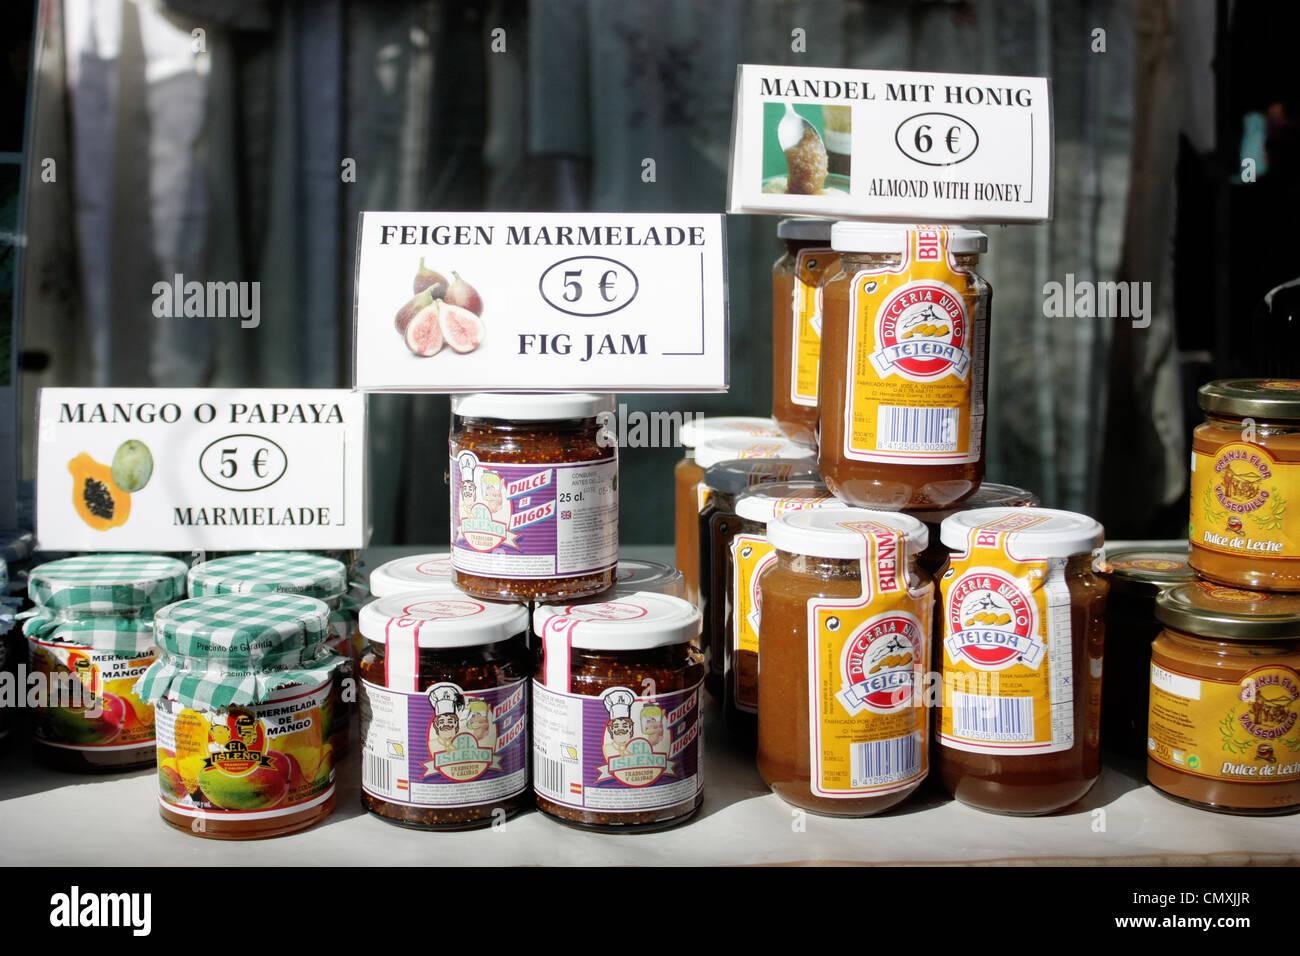 Marmelade und s e gl ser auf dem display auf einem markt in gran canaria stockfoto bild - Marmelade einkochen glaser ...